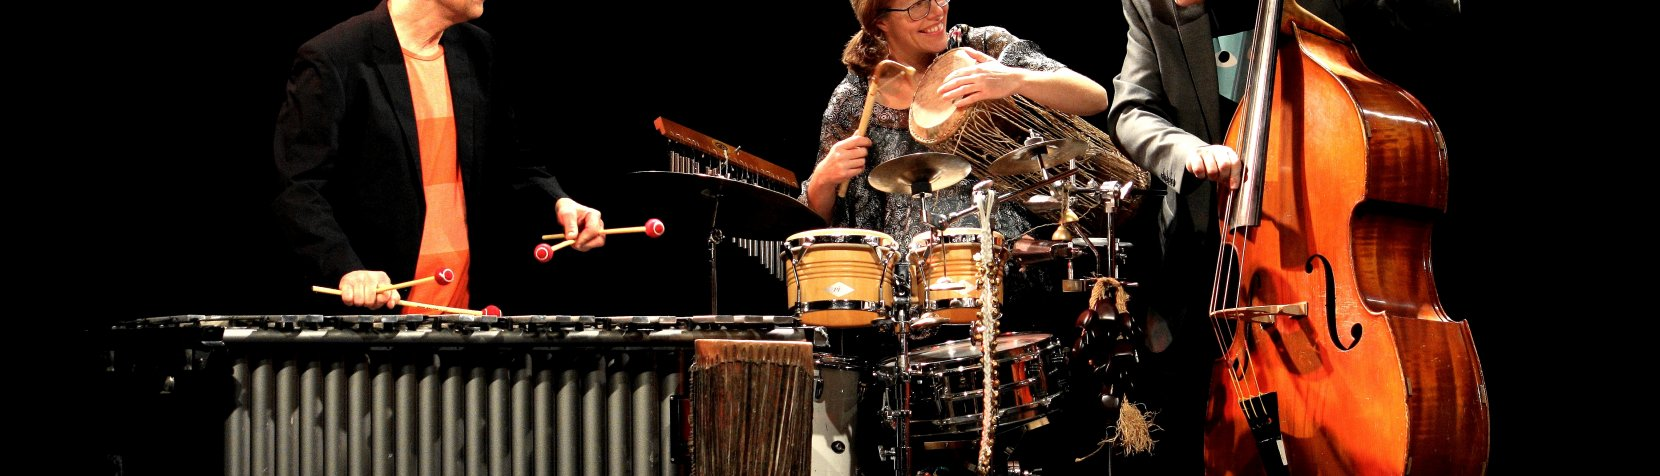 Foto: Drum drum kamæleonkoncert